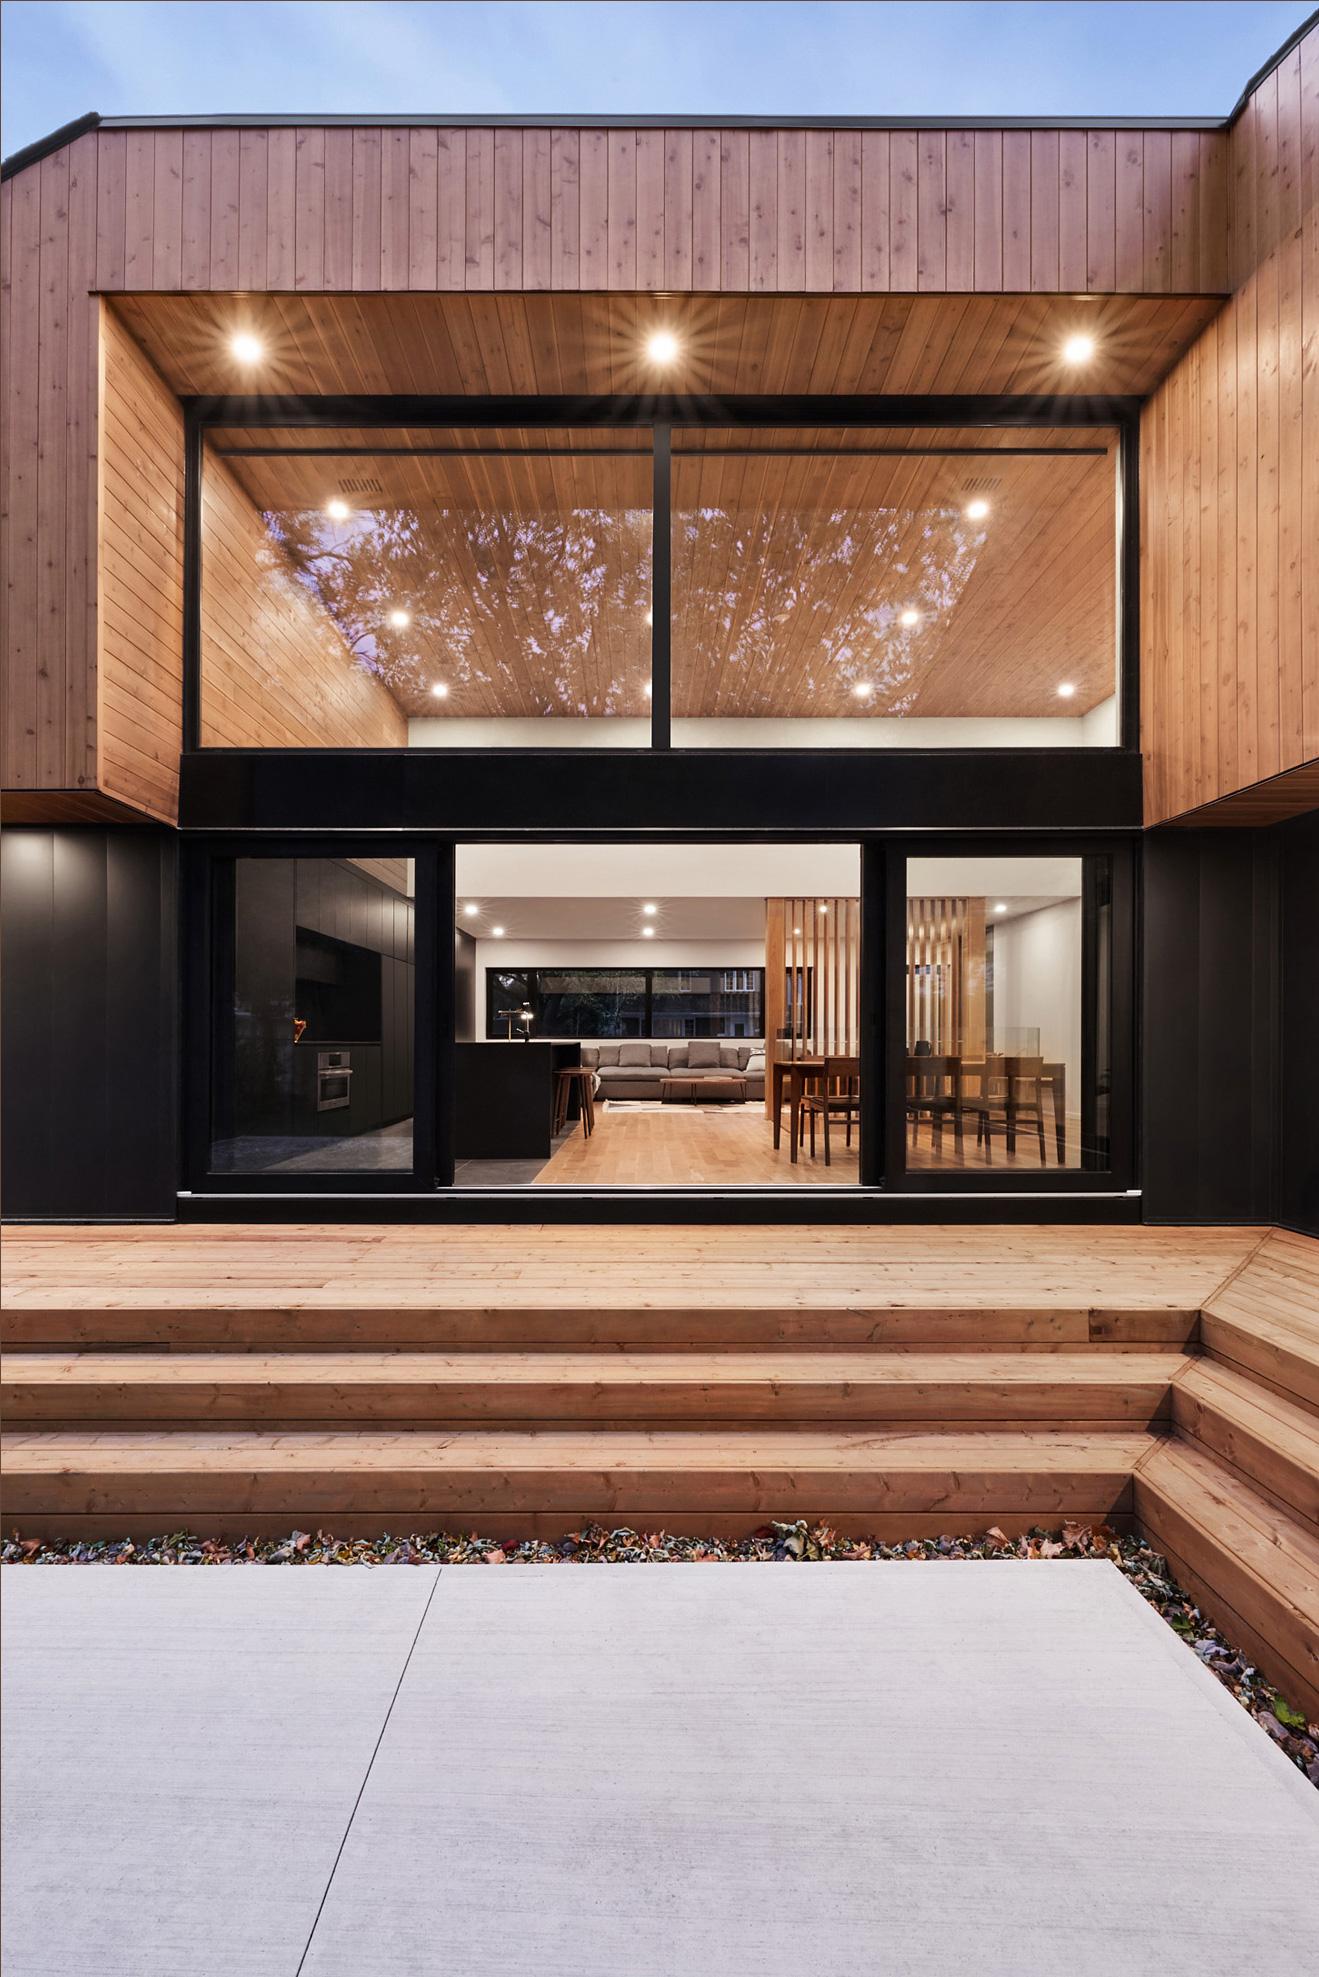 exterieur interieur maison porte-patio ouverte